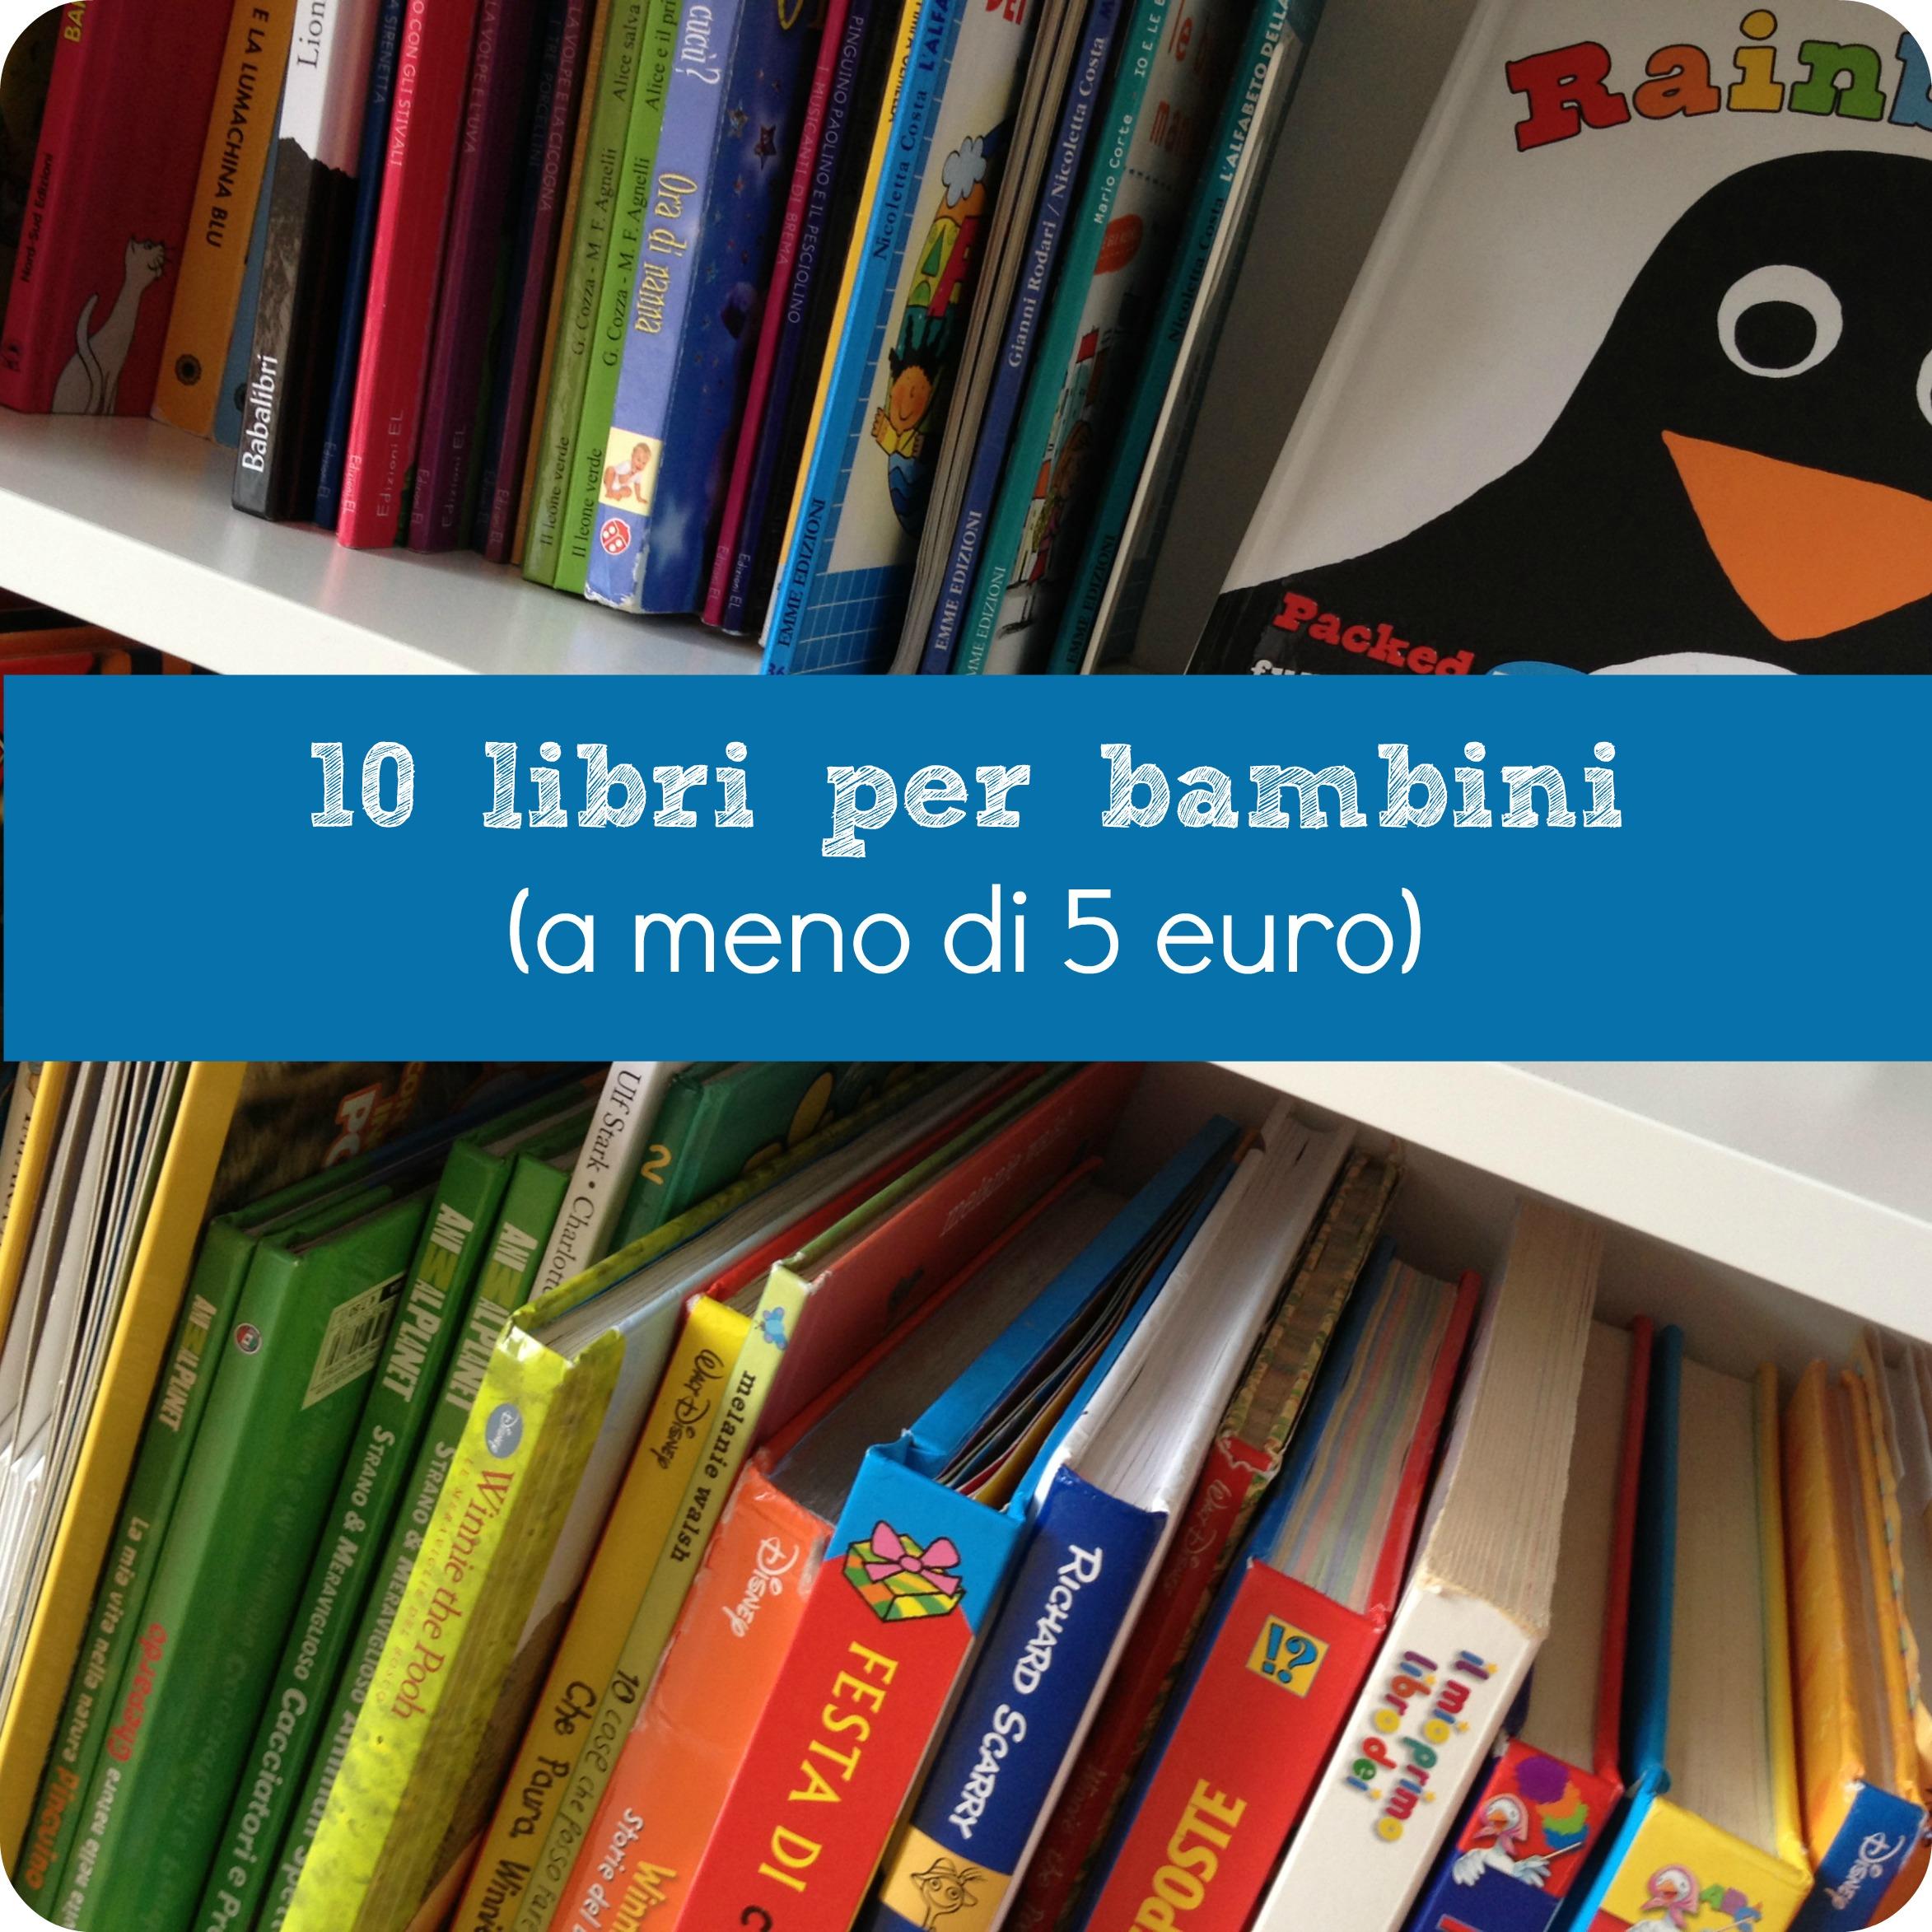 10 libri per bambini a meno di 5 euro babygreen for Libri per fioristi